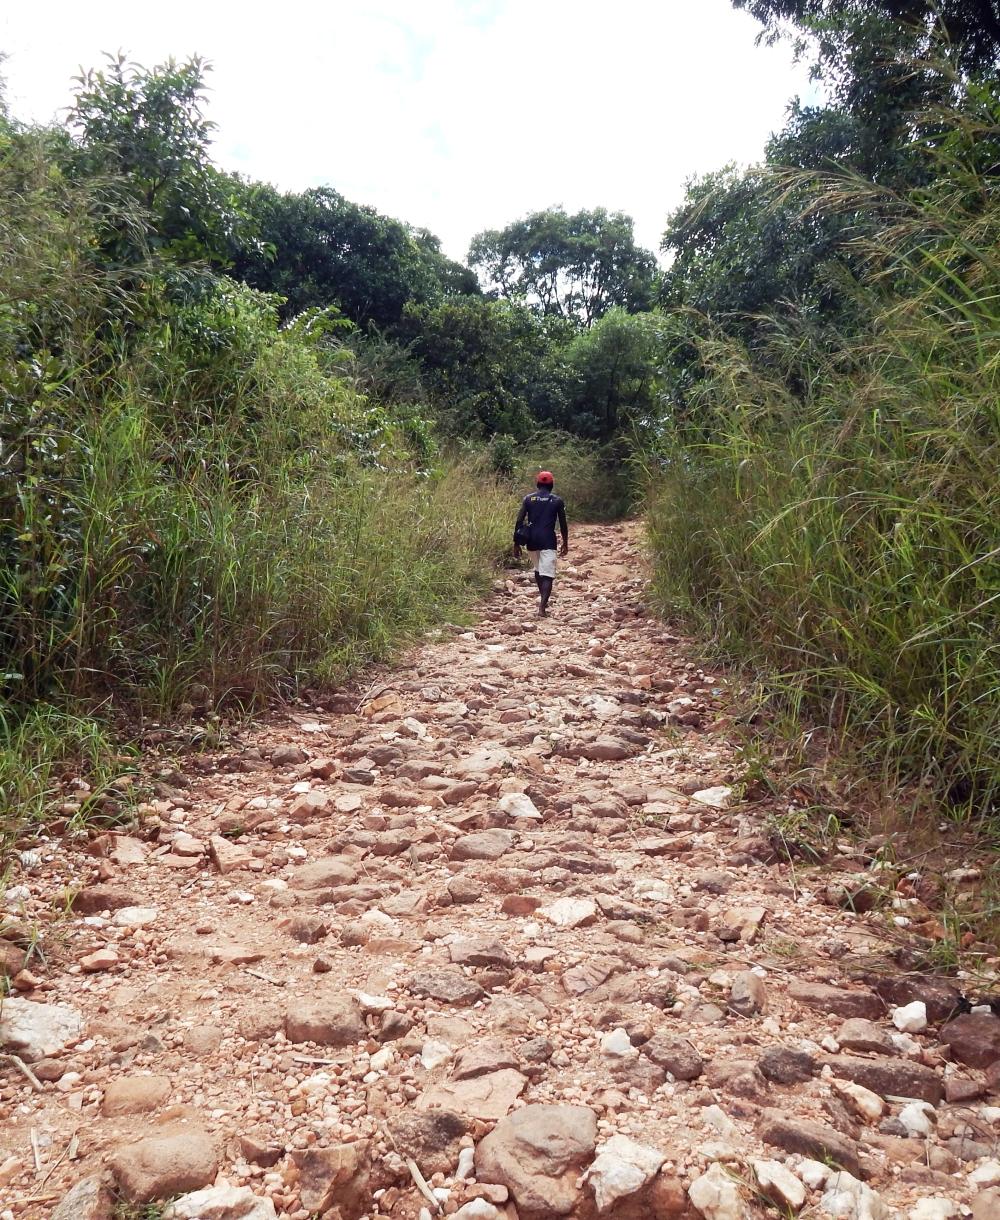 terrain71